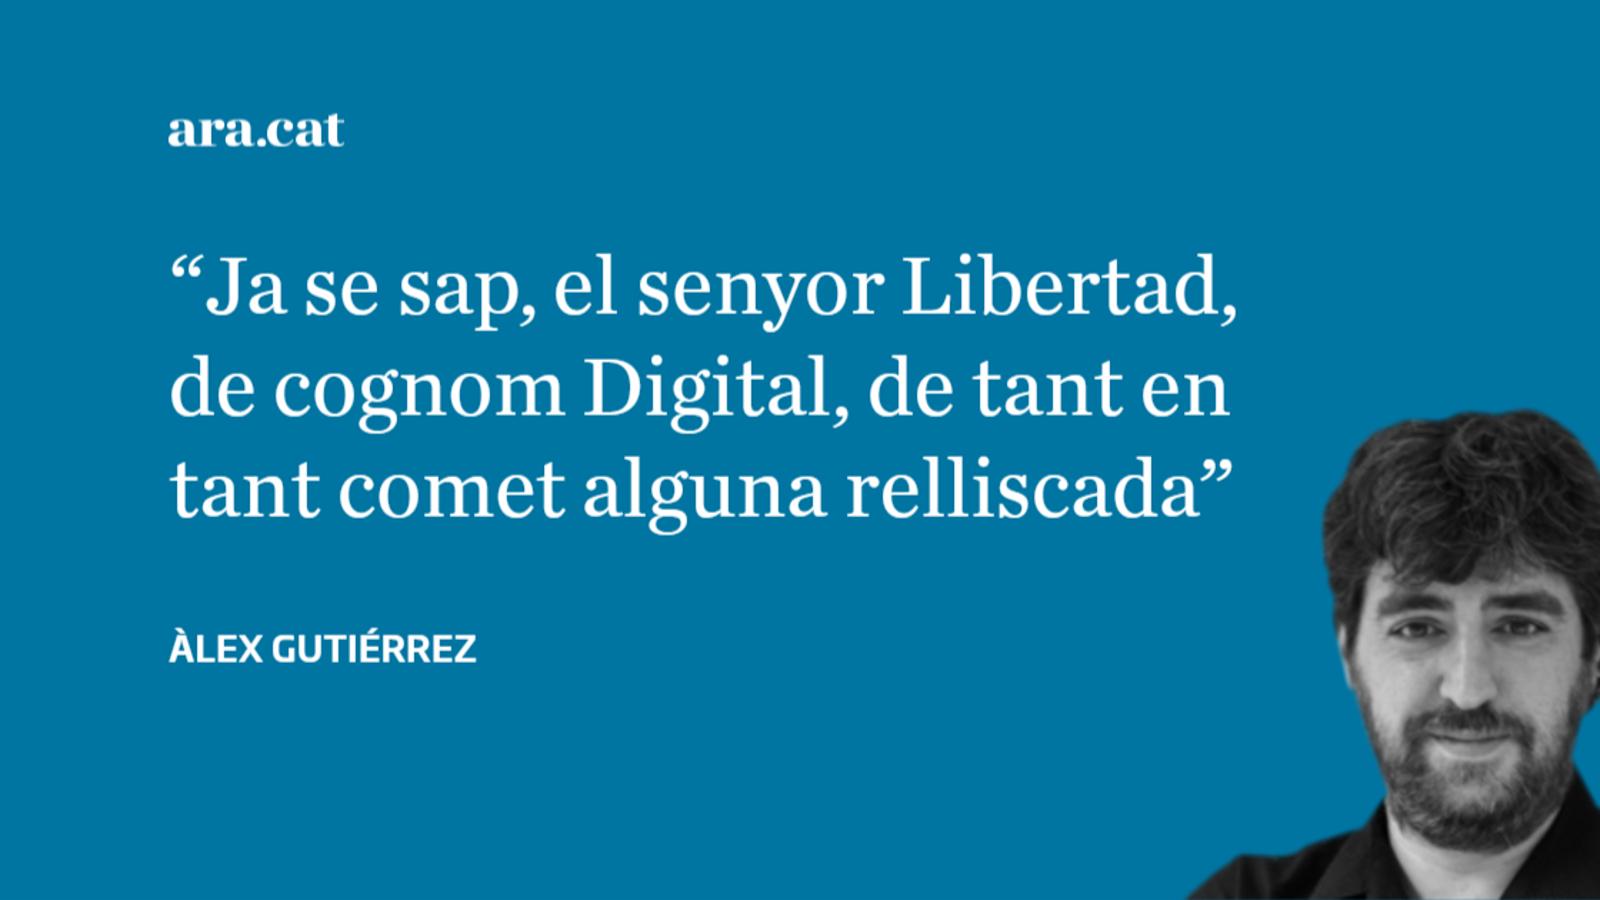 L'entranyable intent de 'Libertad Digital' de denigrar France Press